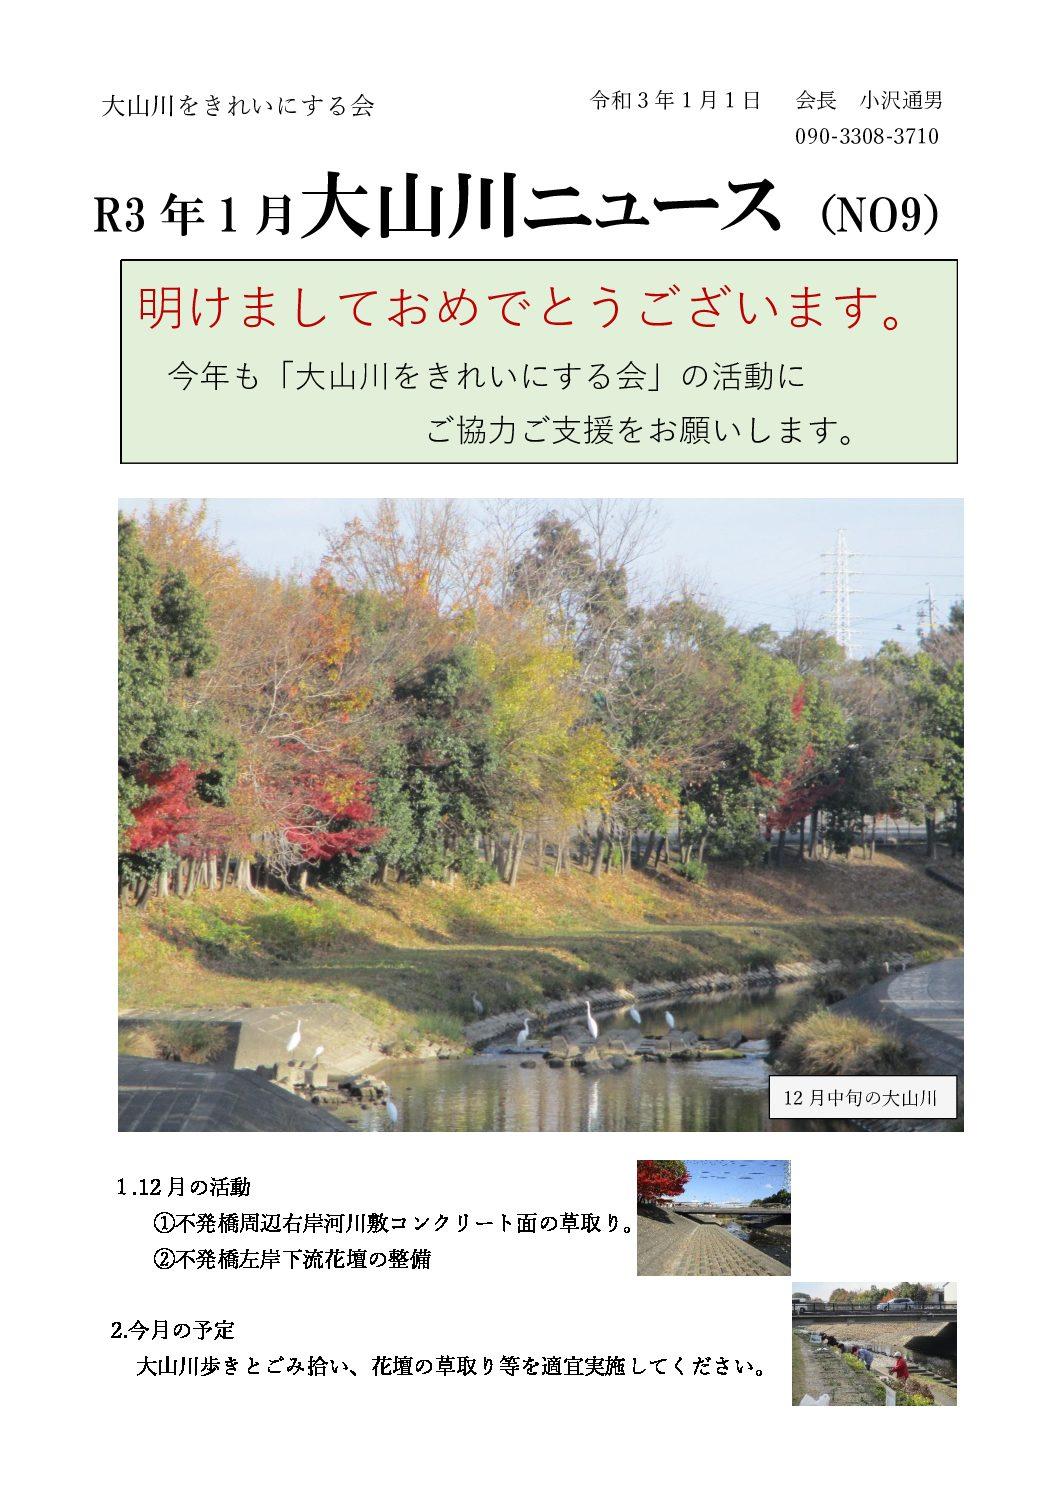 大山川ニュースNO9-1